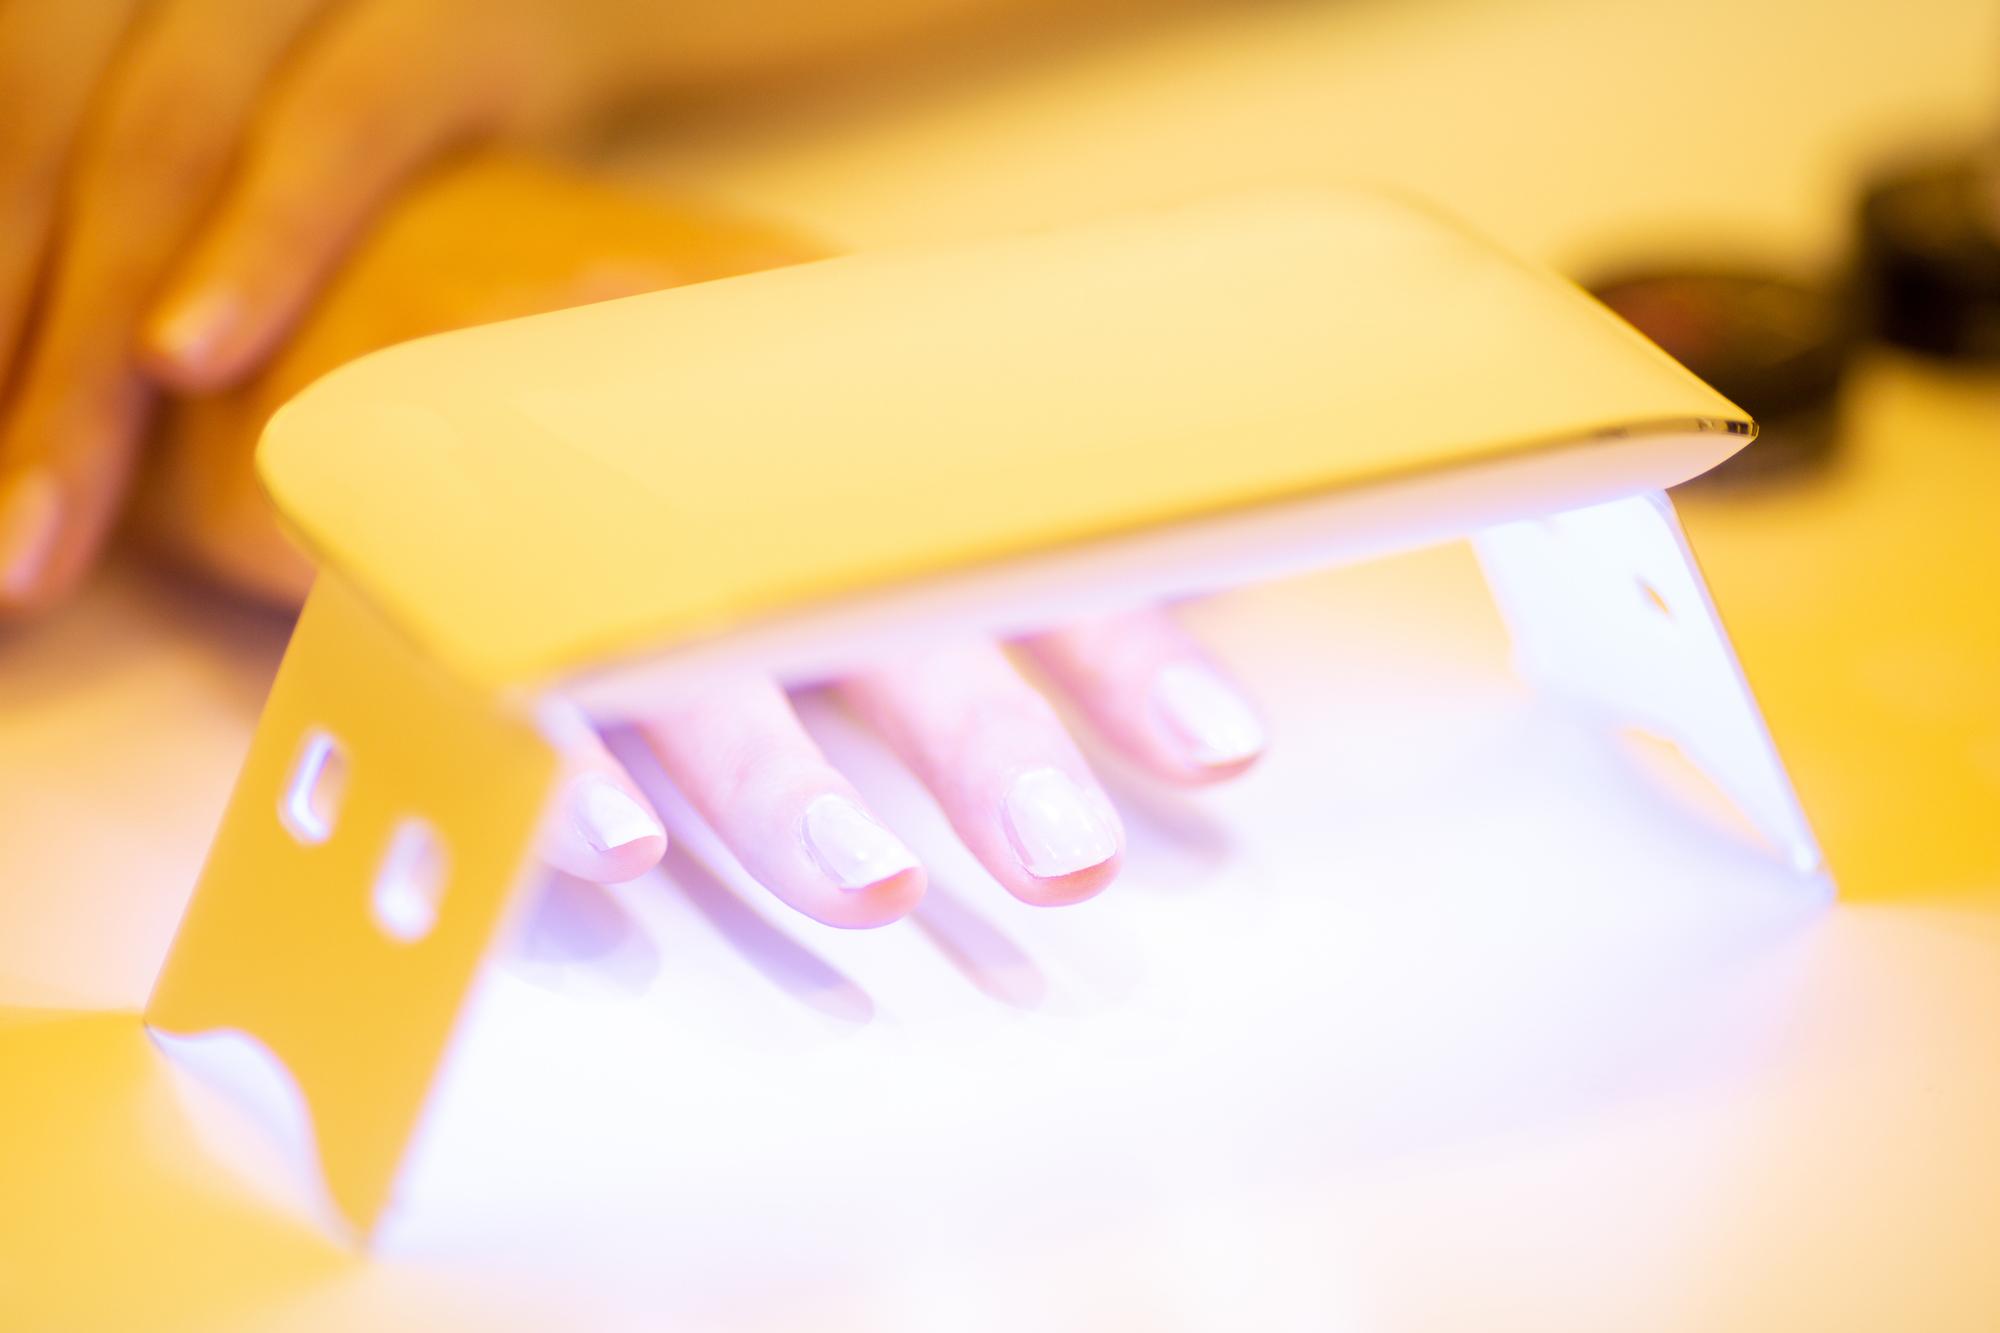 硬化ライトを当ててジェルを固めている女性